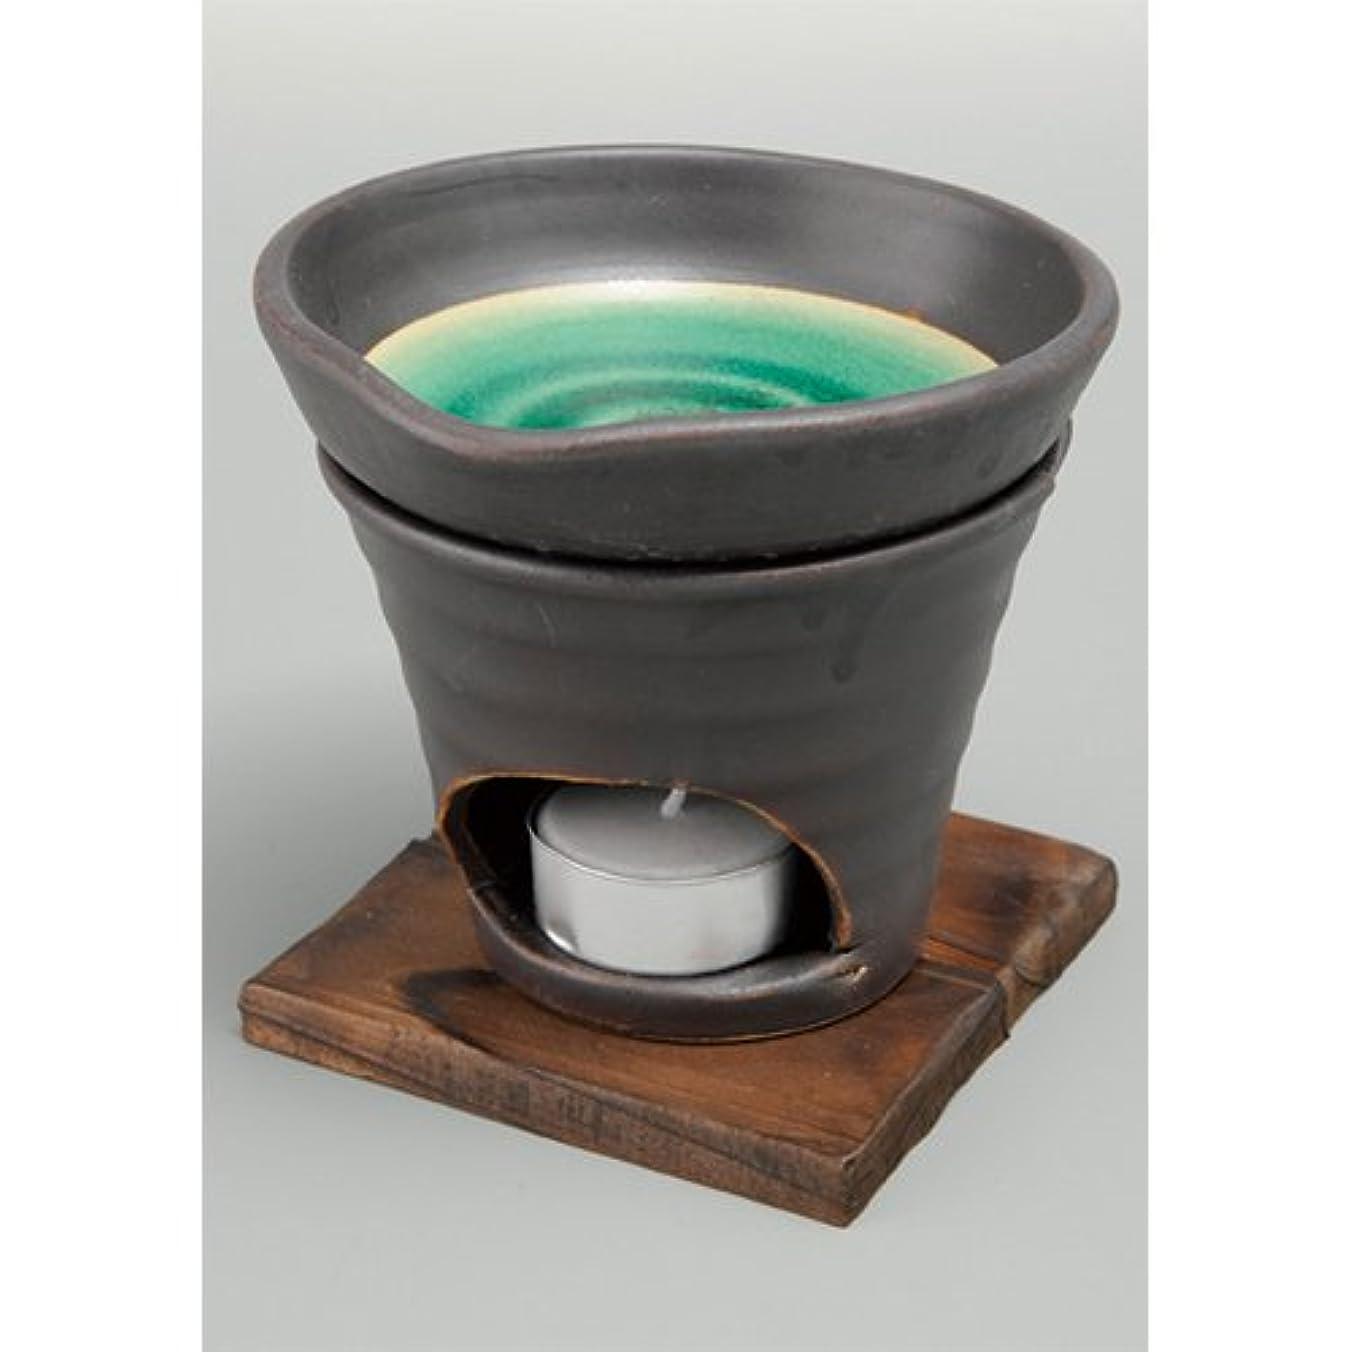 垂直水銀の現代香炉 黒釉 茶香炉(緑) [R11.8xH11.5cm] HANDMADE プレゼント ギフト 和食器 かわいい インテリア